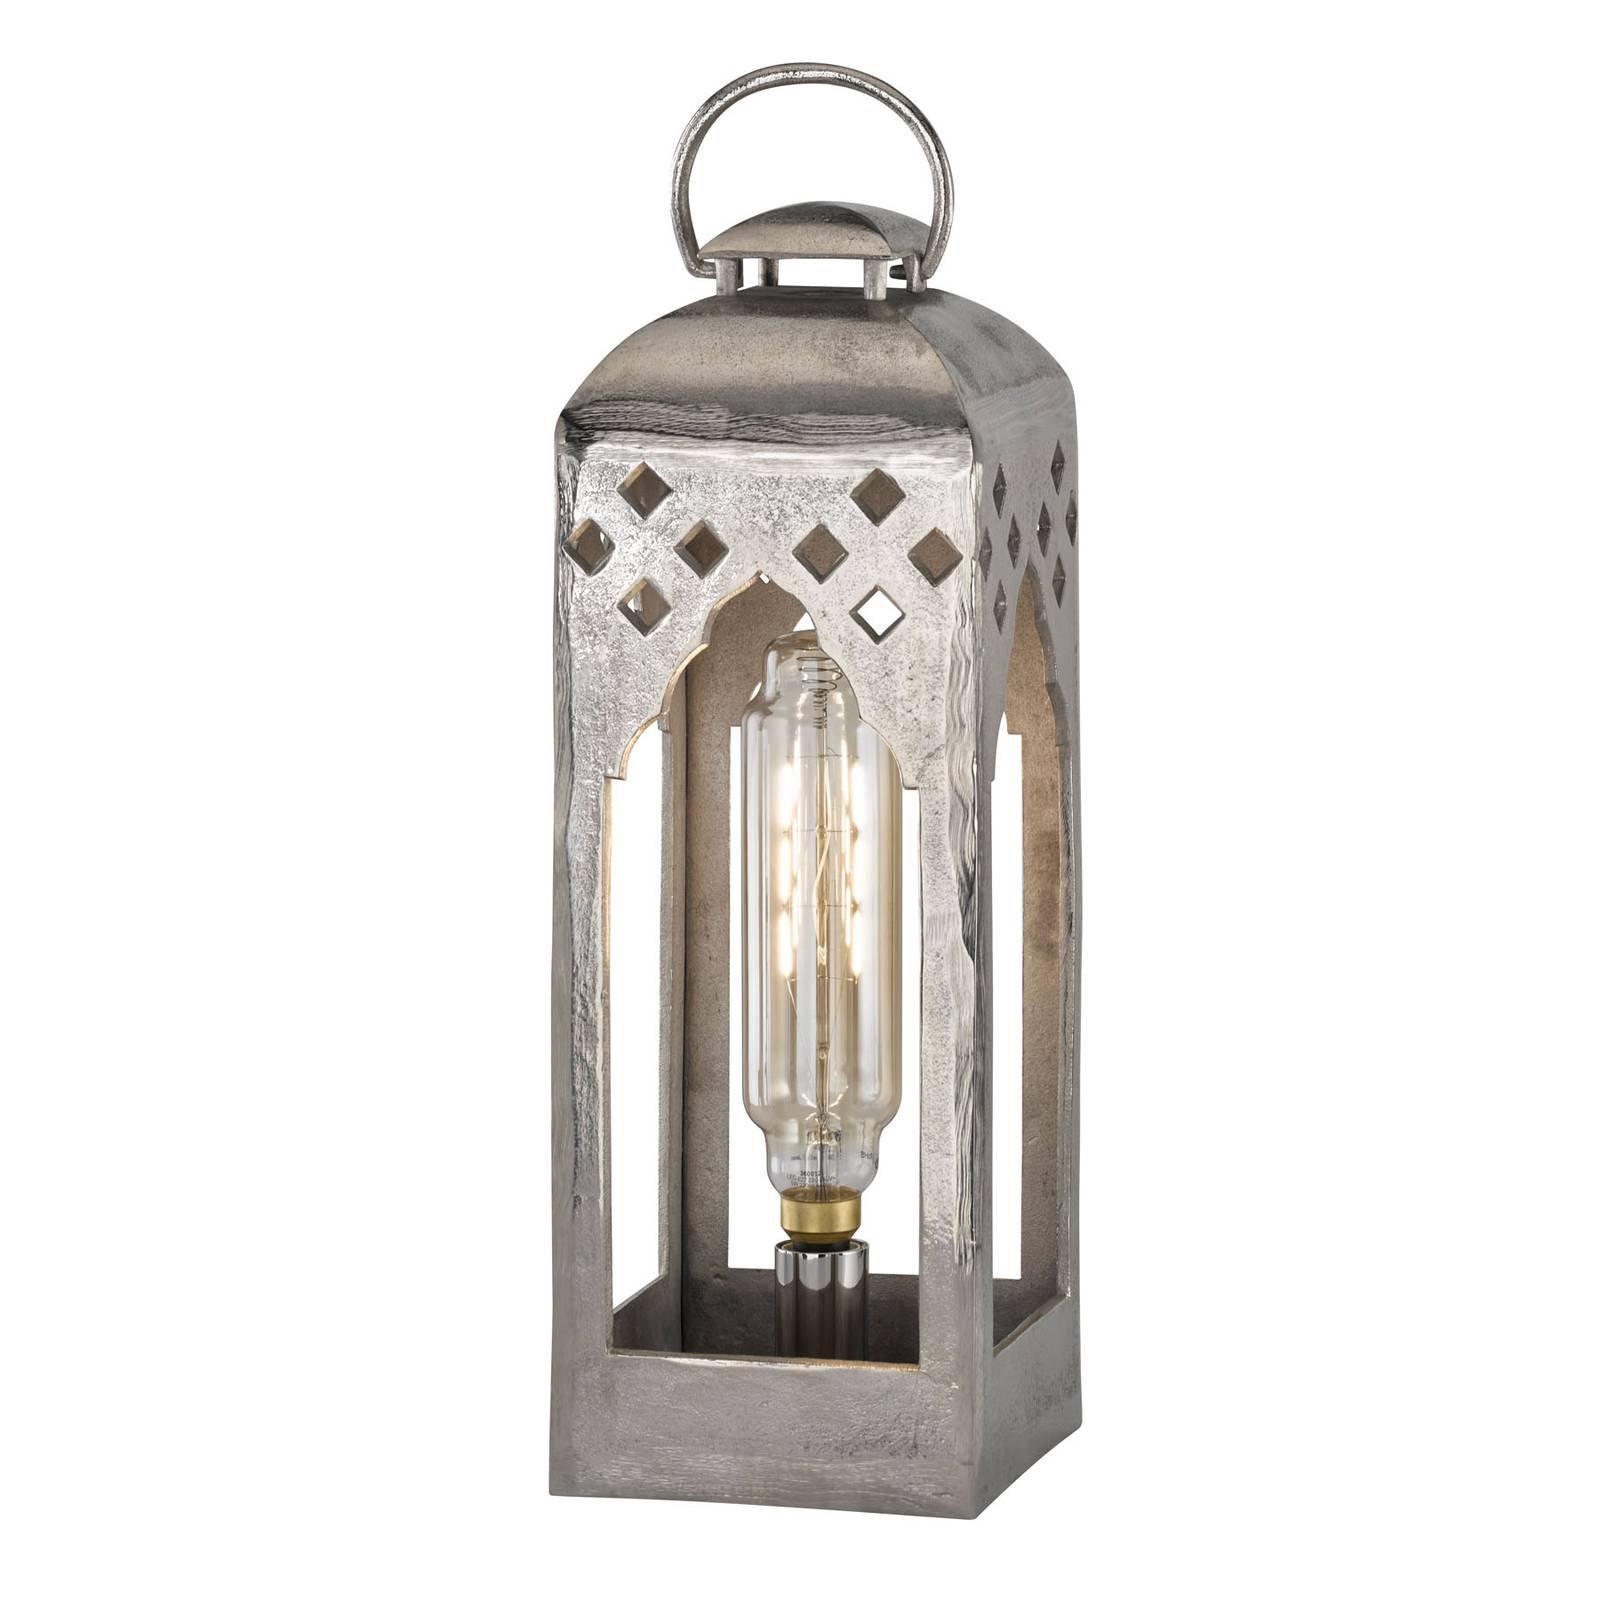 Lykt-bordlampe Melis, høyde 61 cm